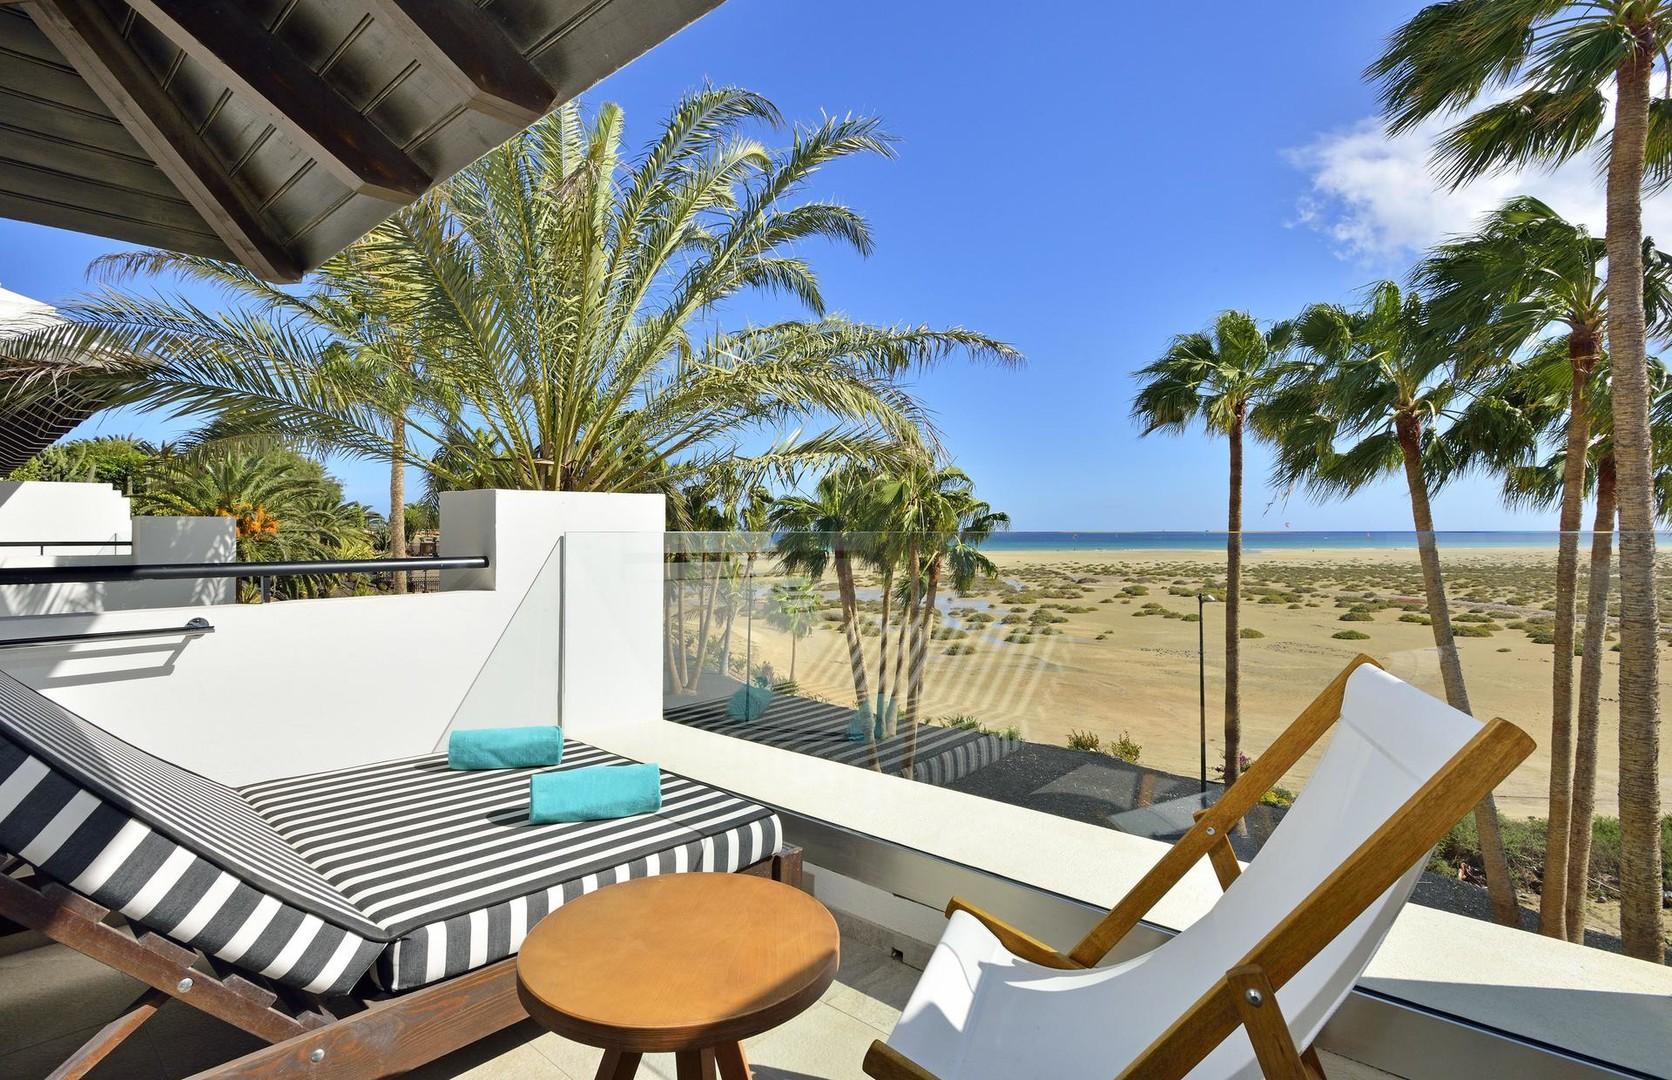 Hotel Sol Beach House #6